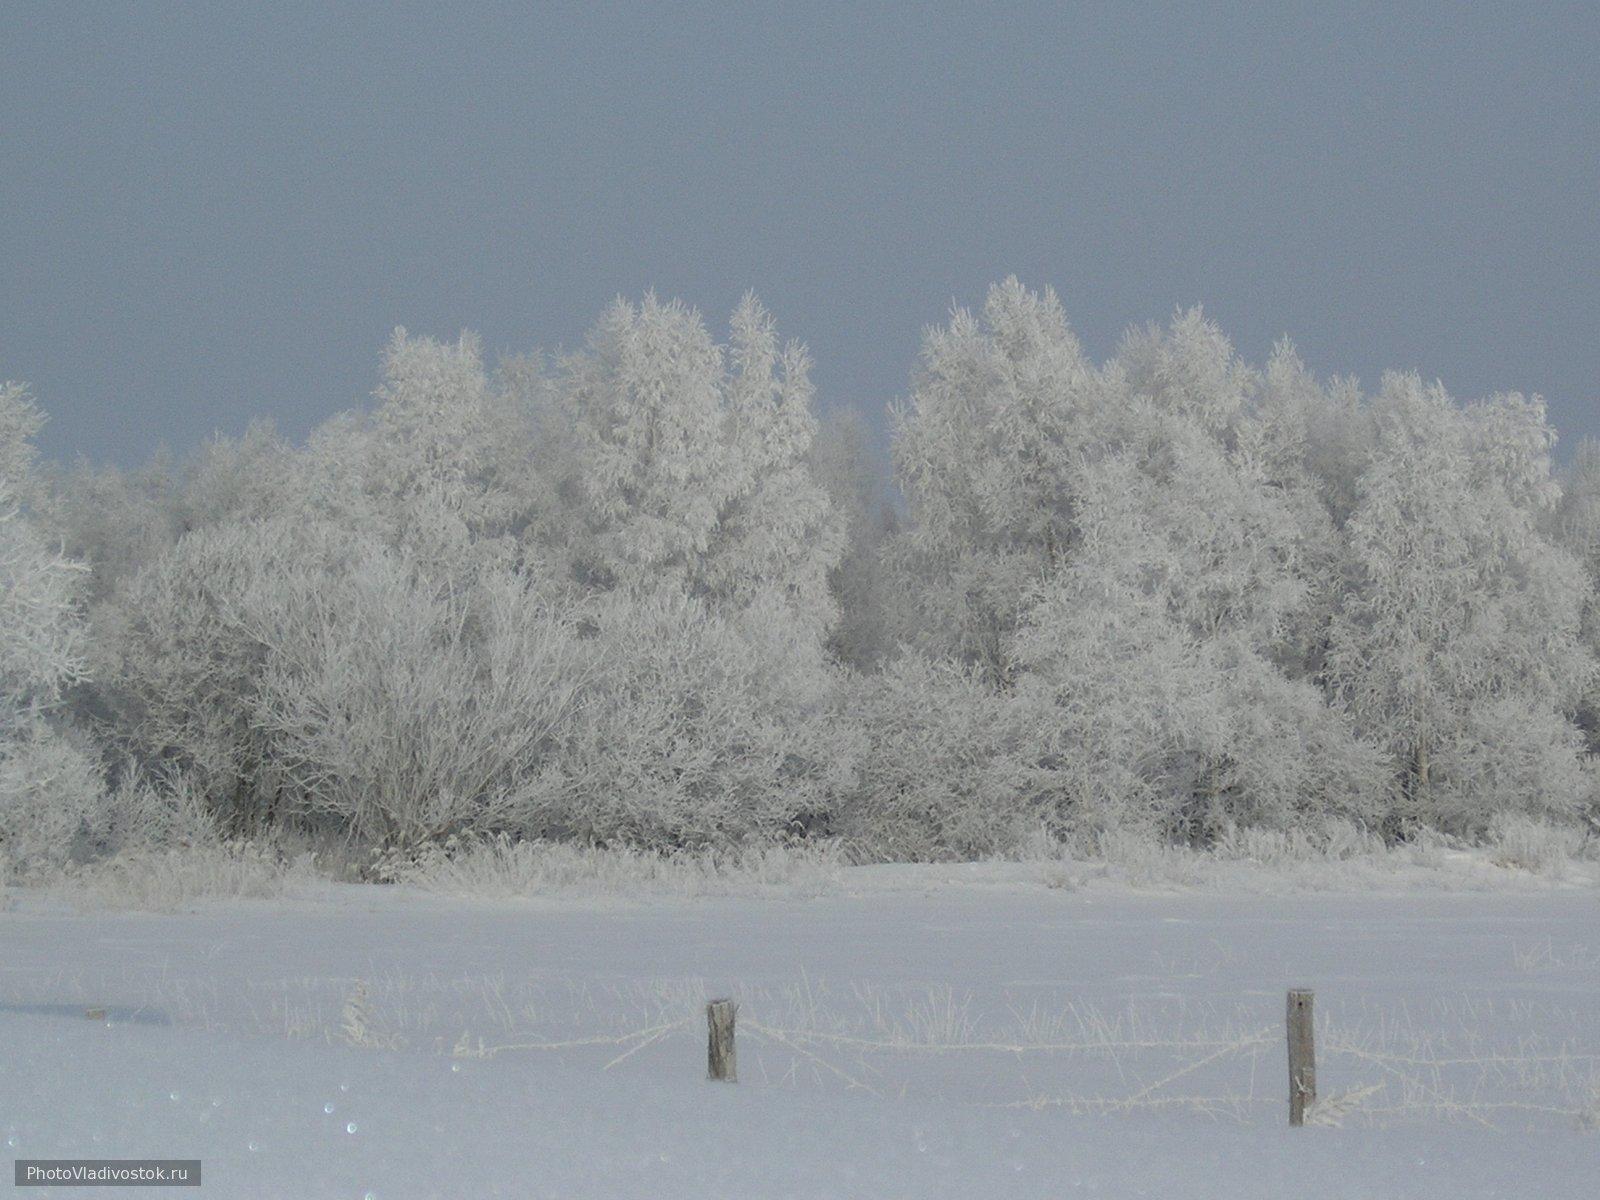 иней. Природа. Фотографии Владивостока